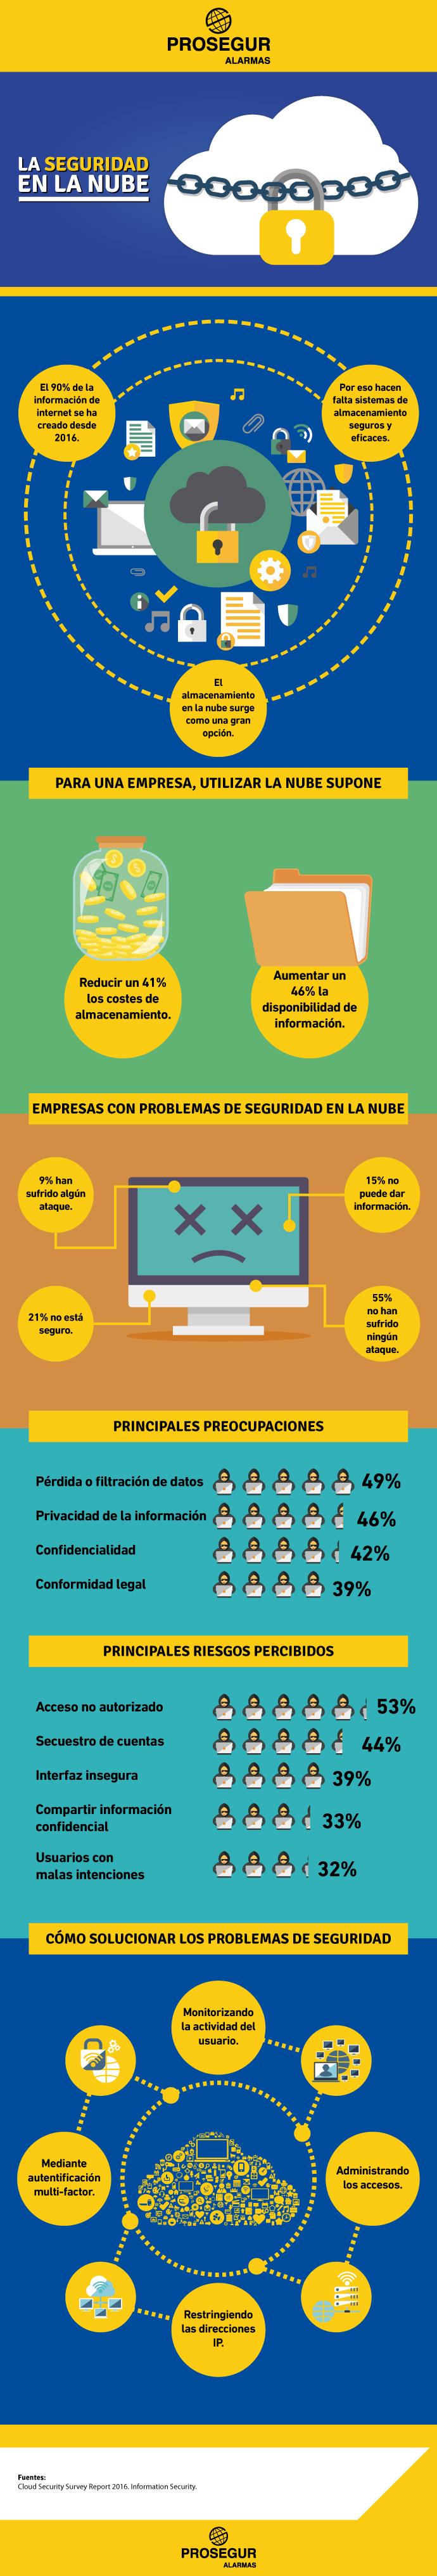 ¿Qué es la seguridad en la nube? - Infografía - Blog Prosegur